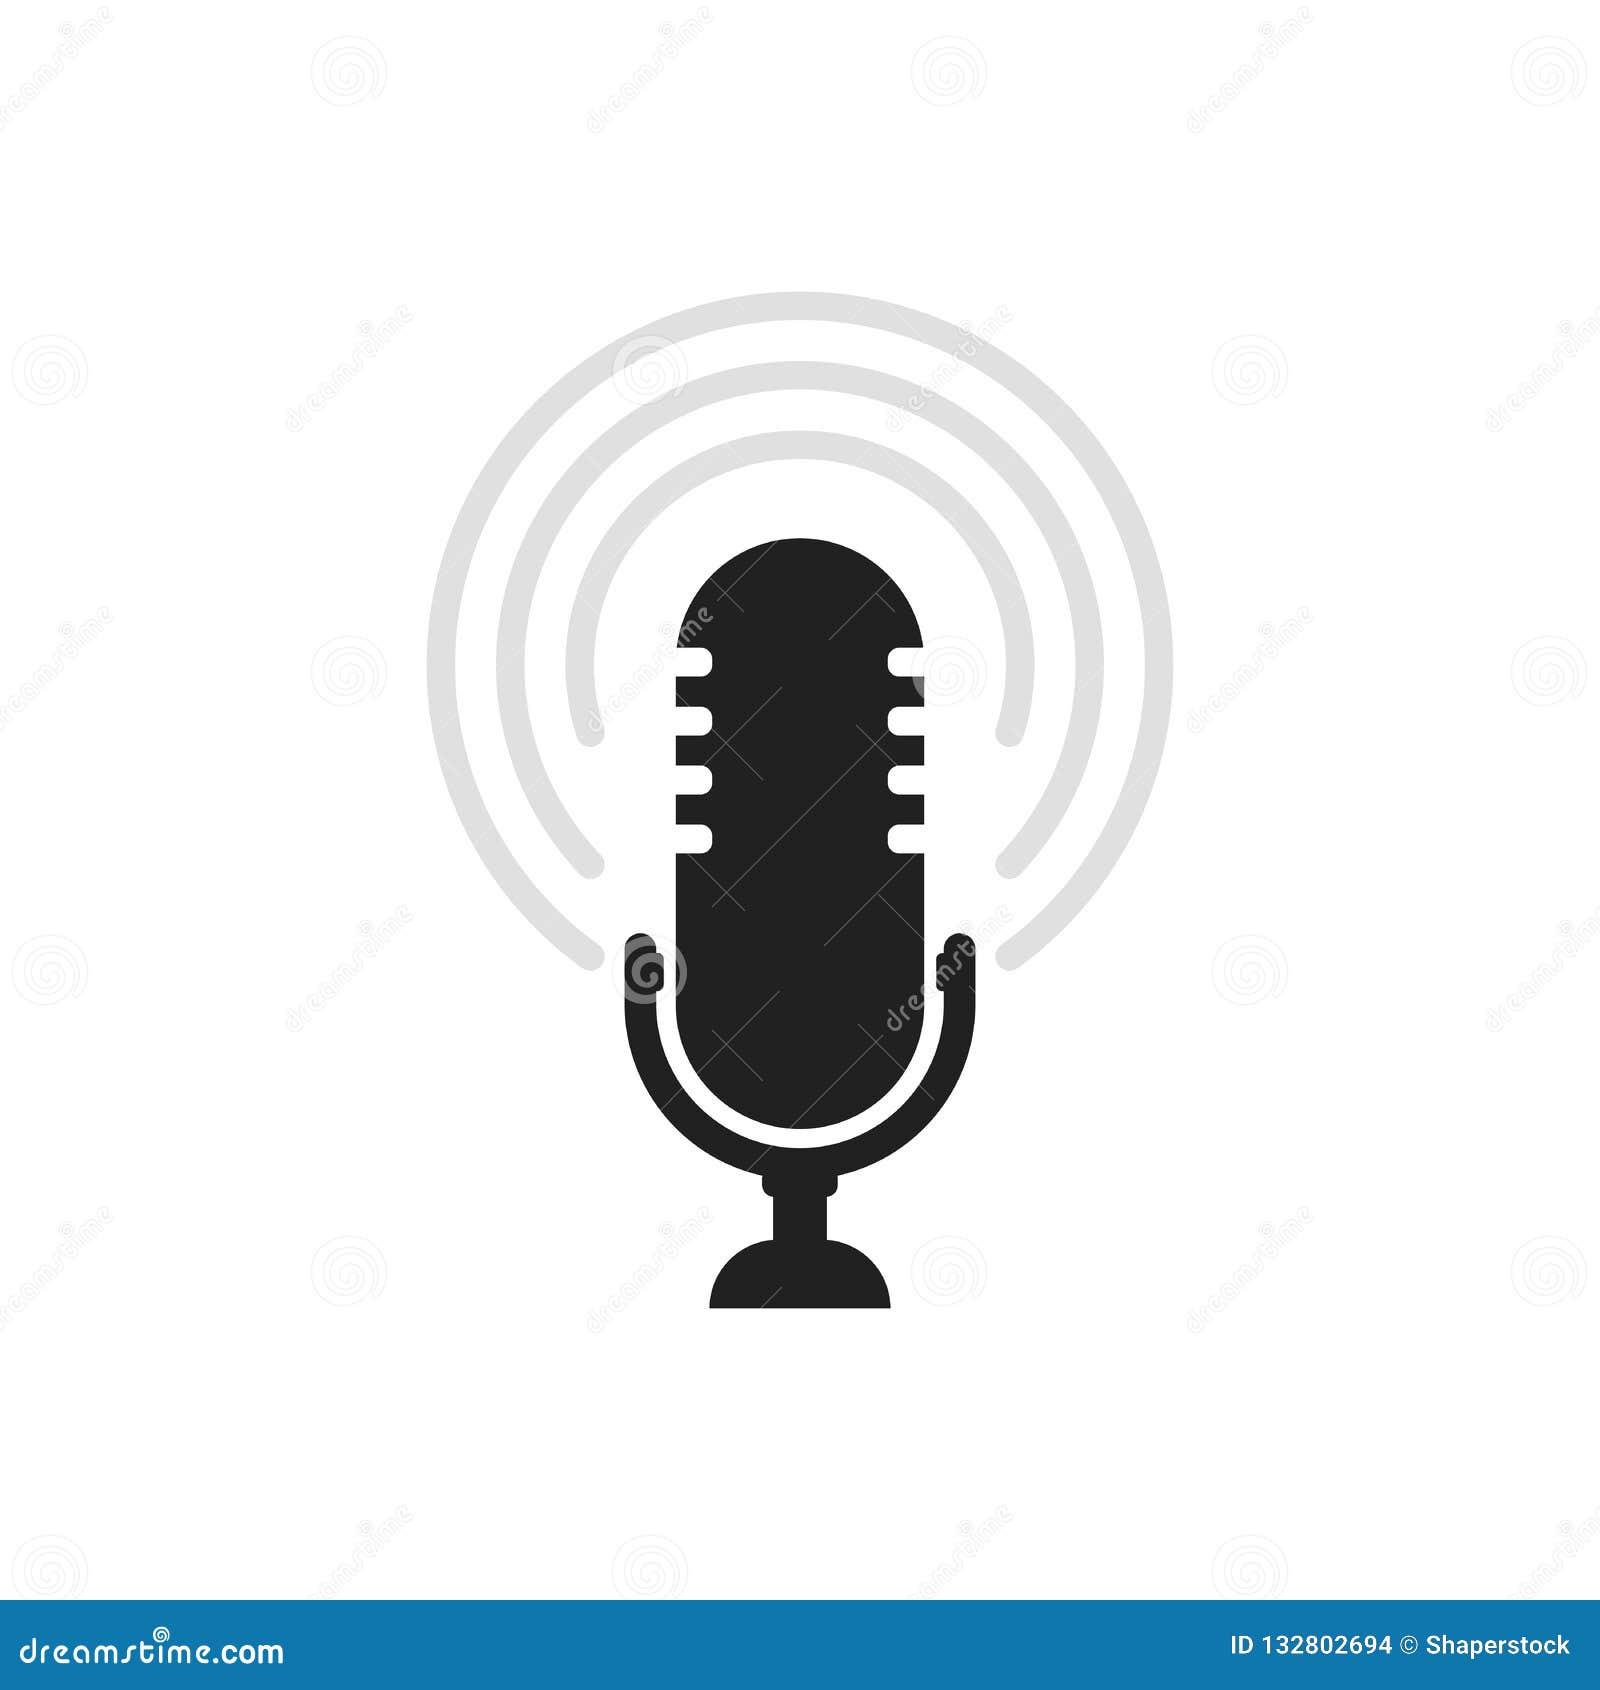 Ícone do microfone Vetor do orador Sinal sadio isolado no fundo branco Ilustração simples para a Web e plataformas móveis